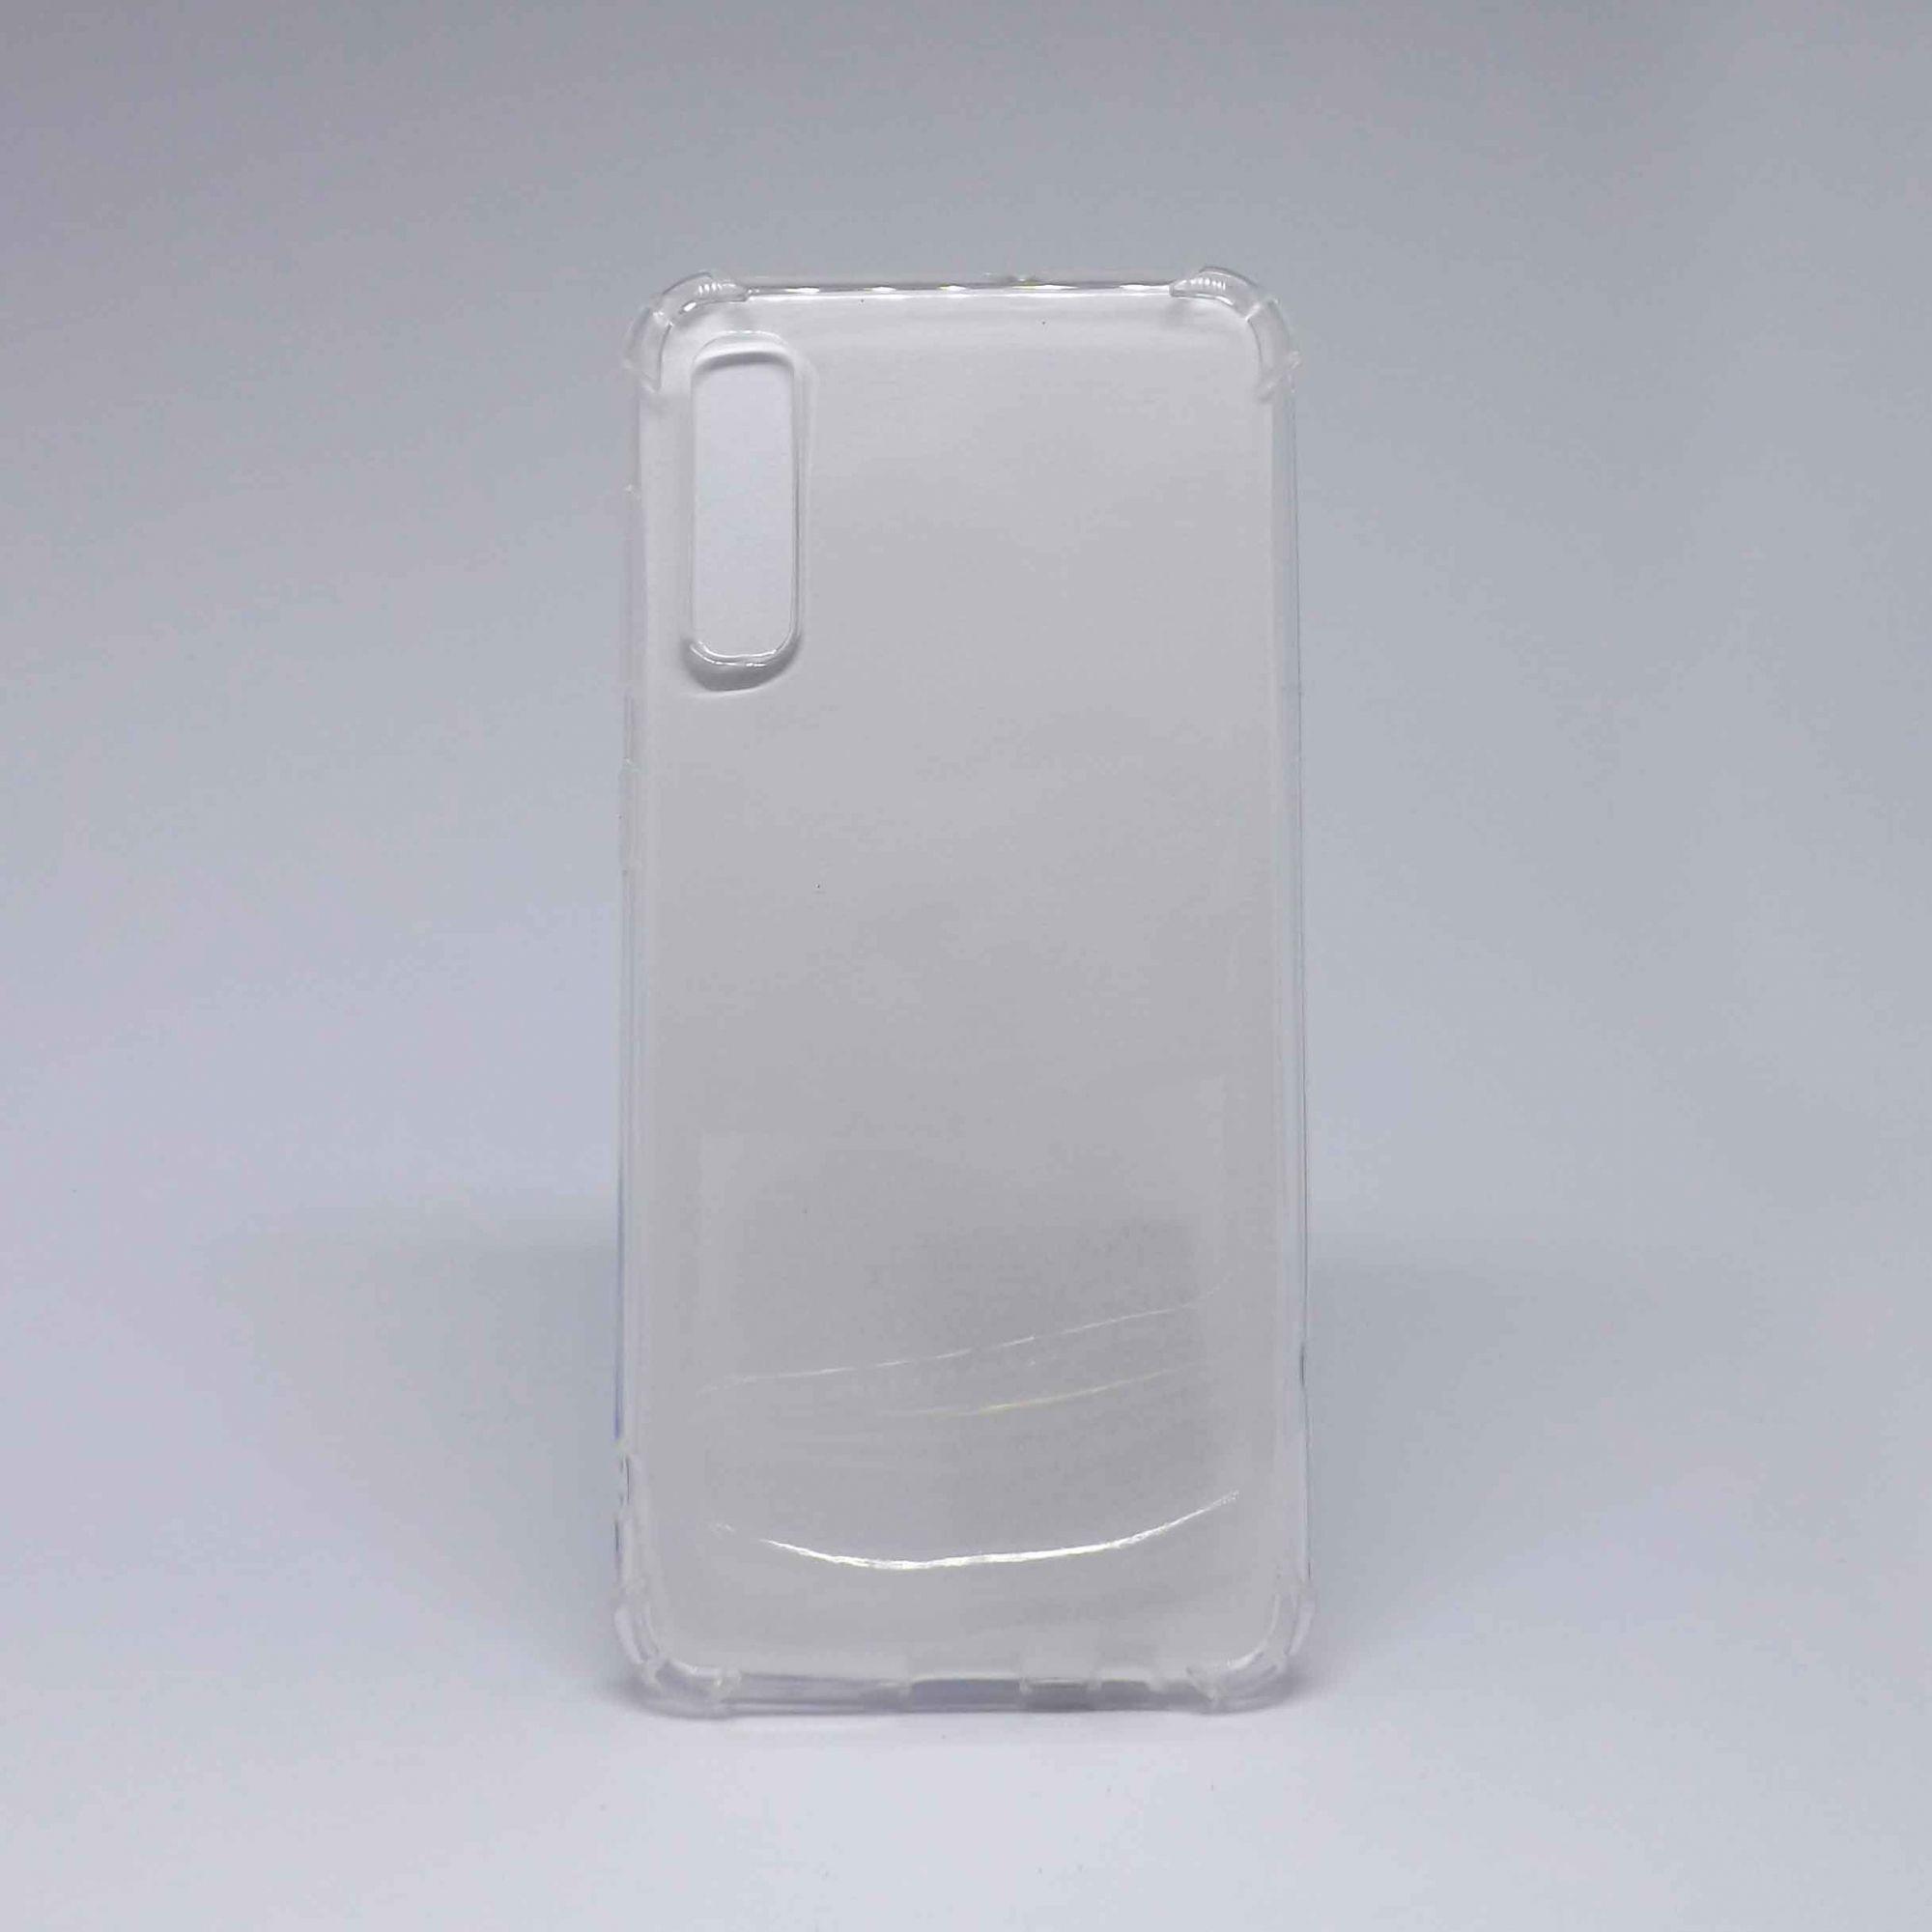 Capa Samsung Galaxy A50/A30s Antiqueda Transparente